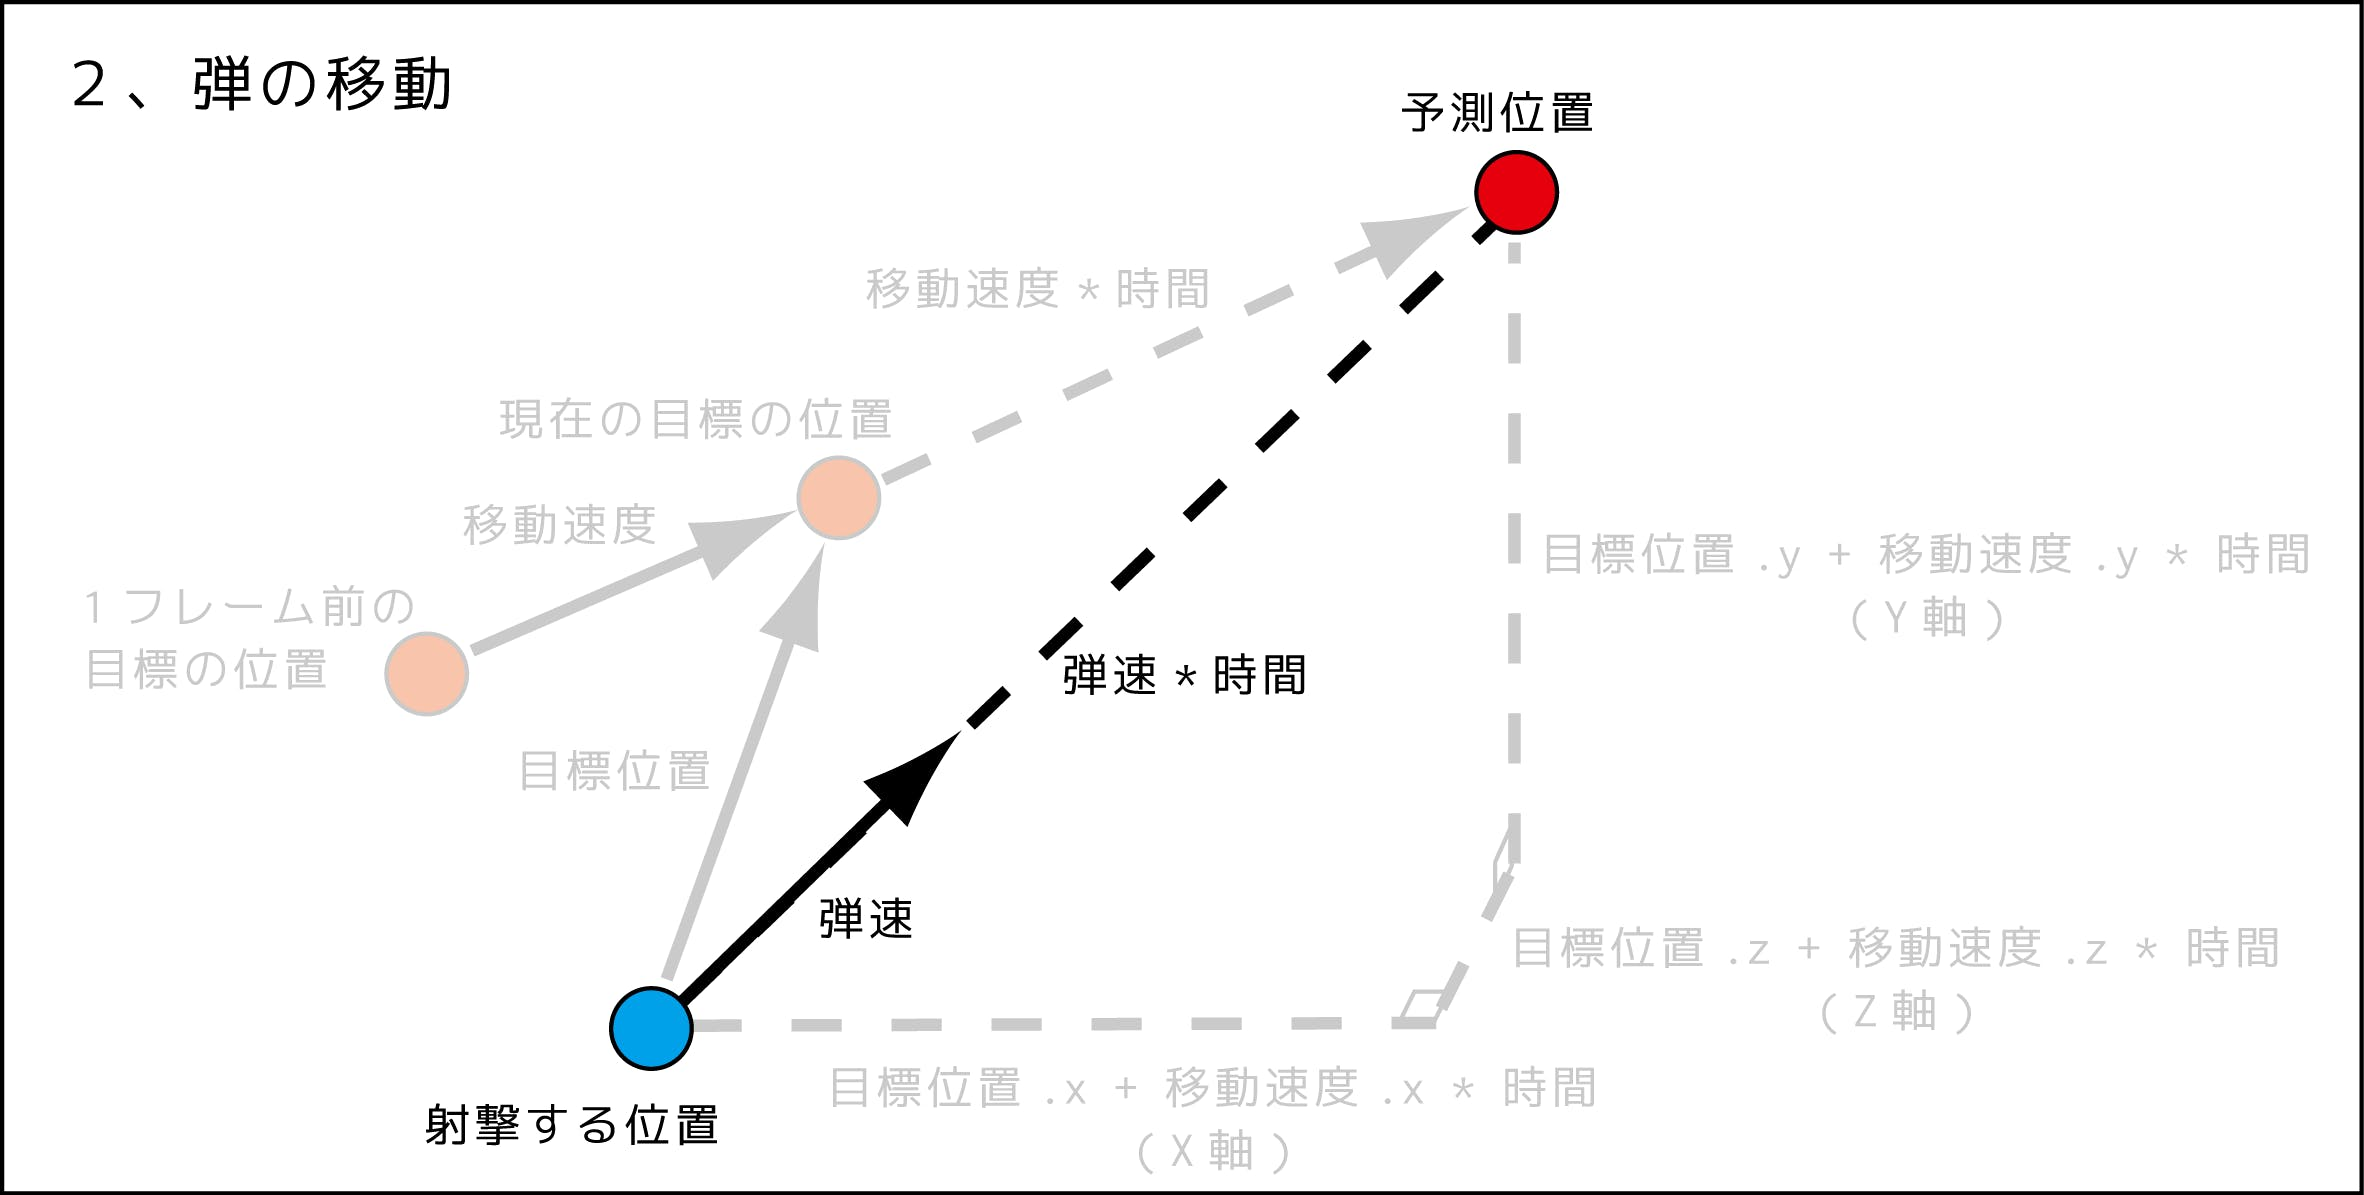 予測射撃図_181119_4.png